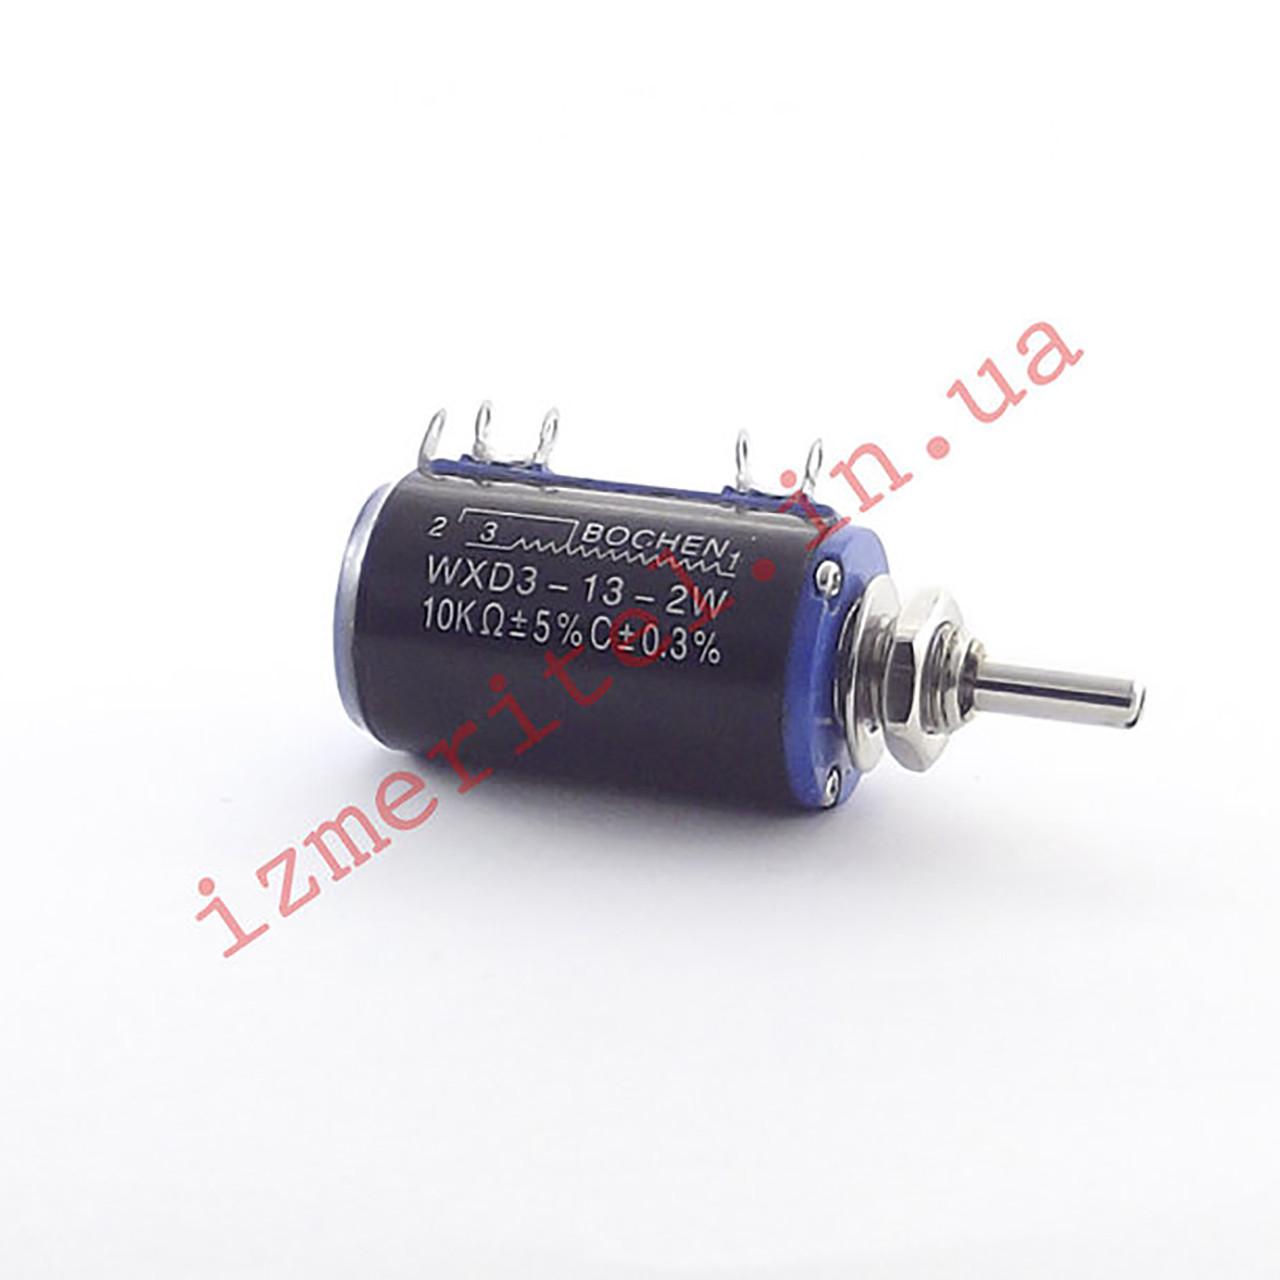 Потенциометр многооборотный 10K WXD3-13-2W